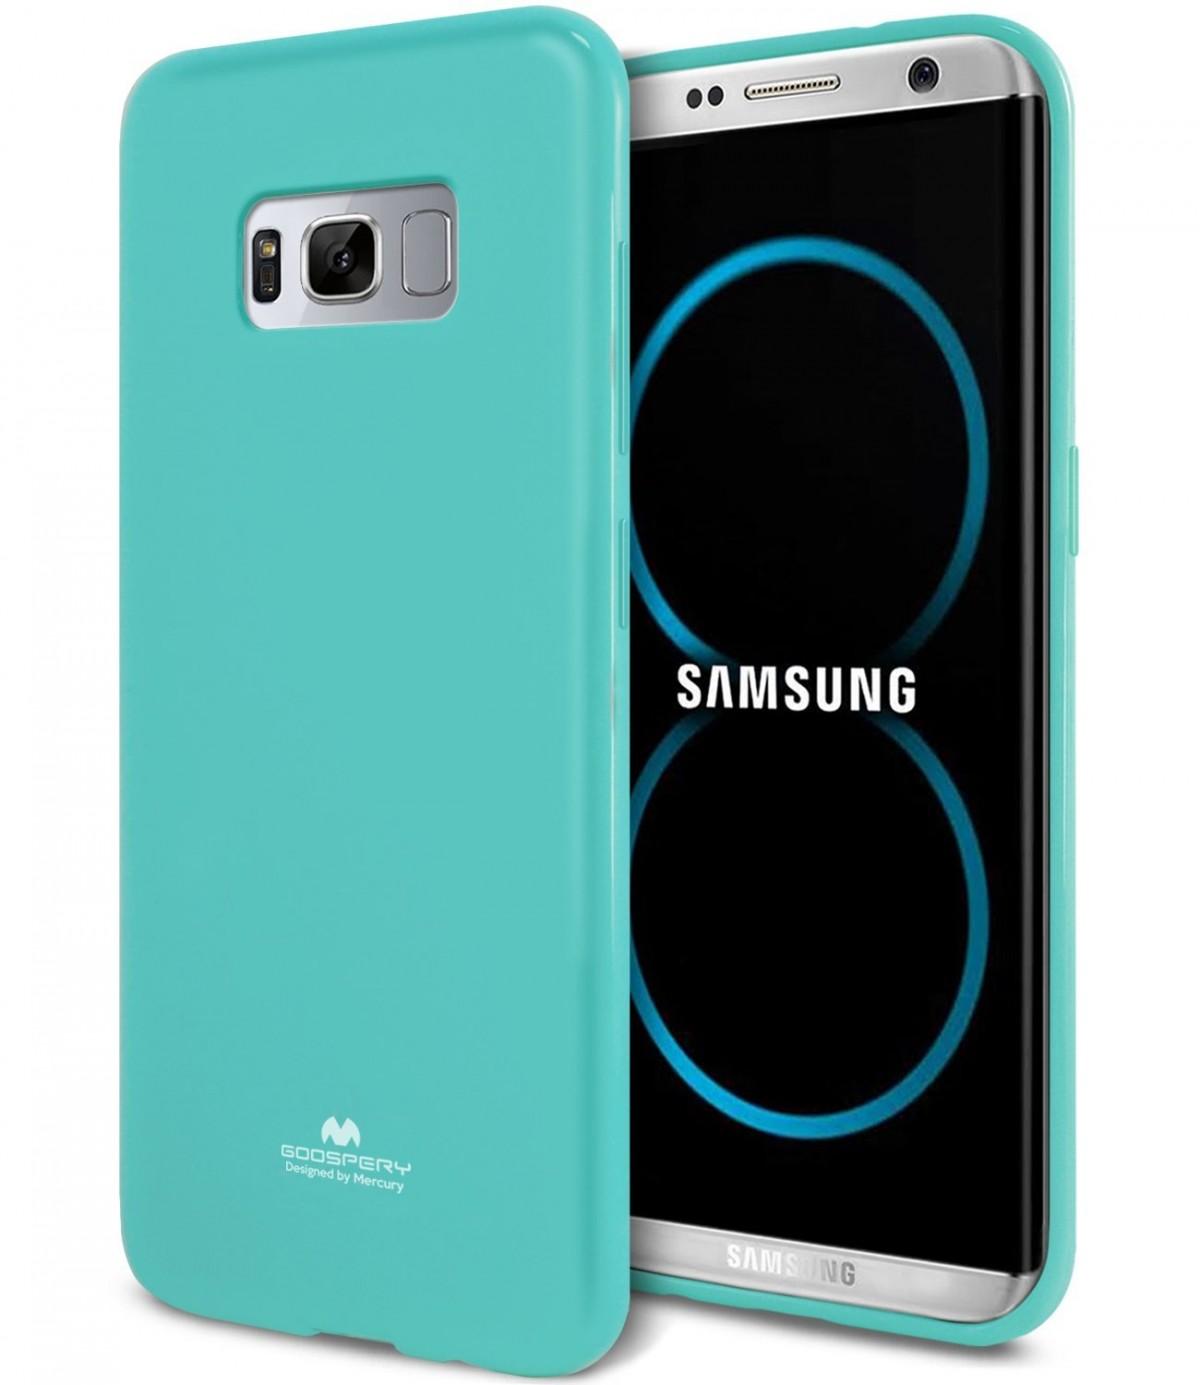 Silikonový obal / kryt / pouzdro Goospery Mercury pro Samsung Galaxy S8+ (S8 Plus) - Jelly Case - Mint